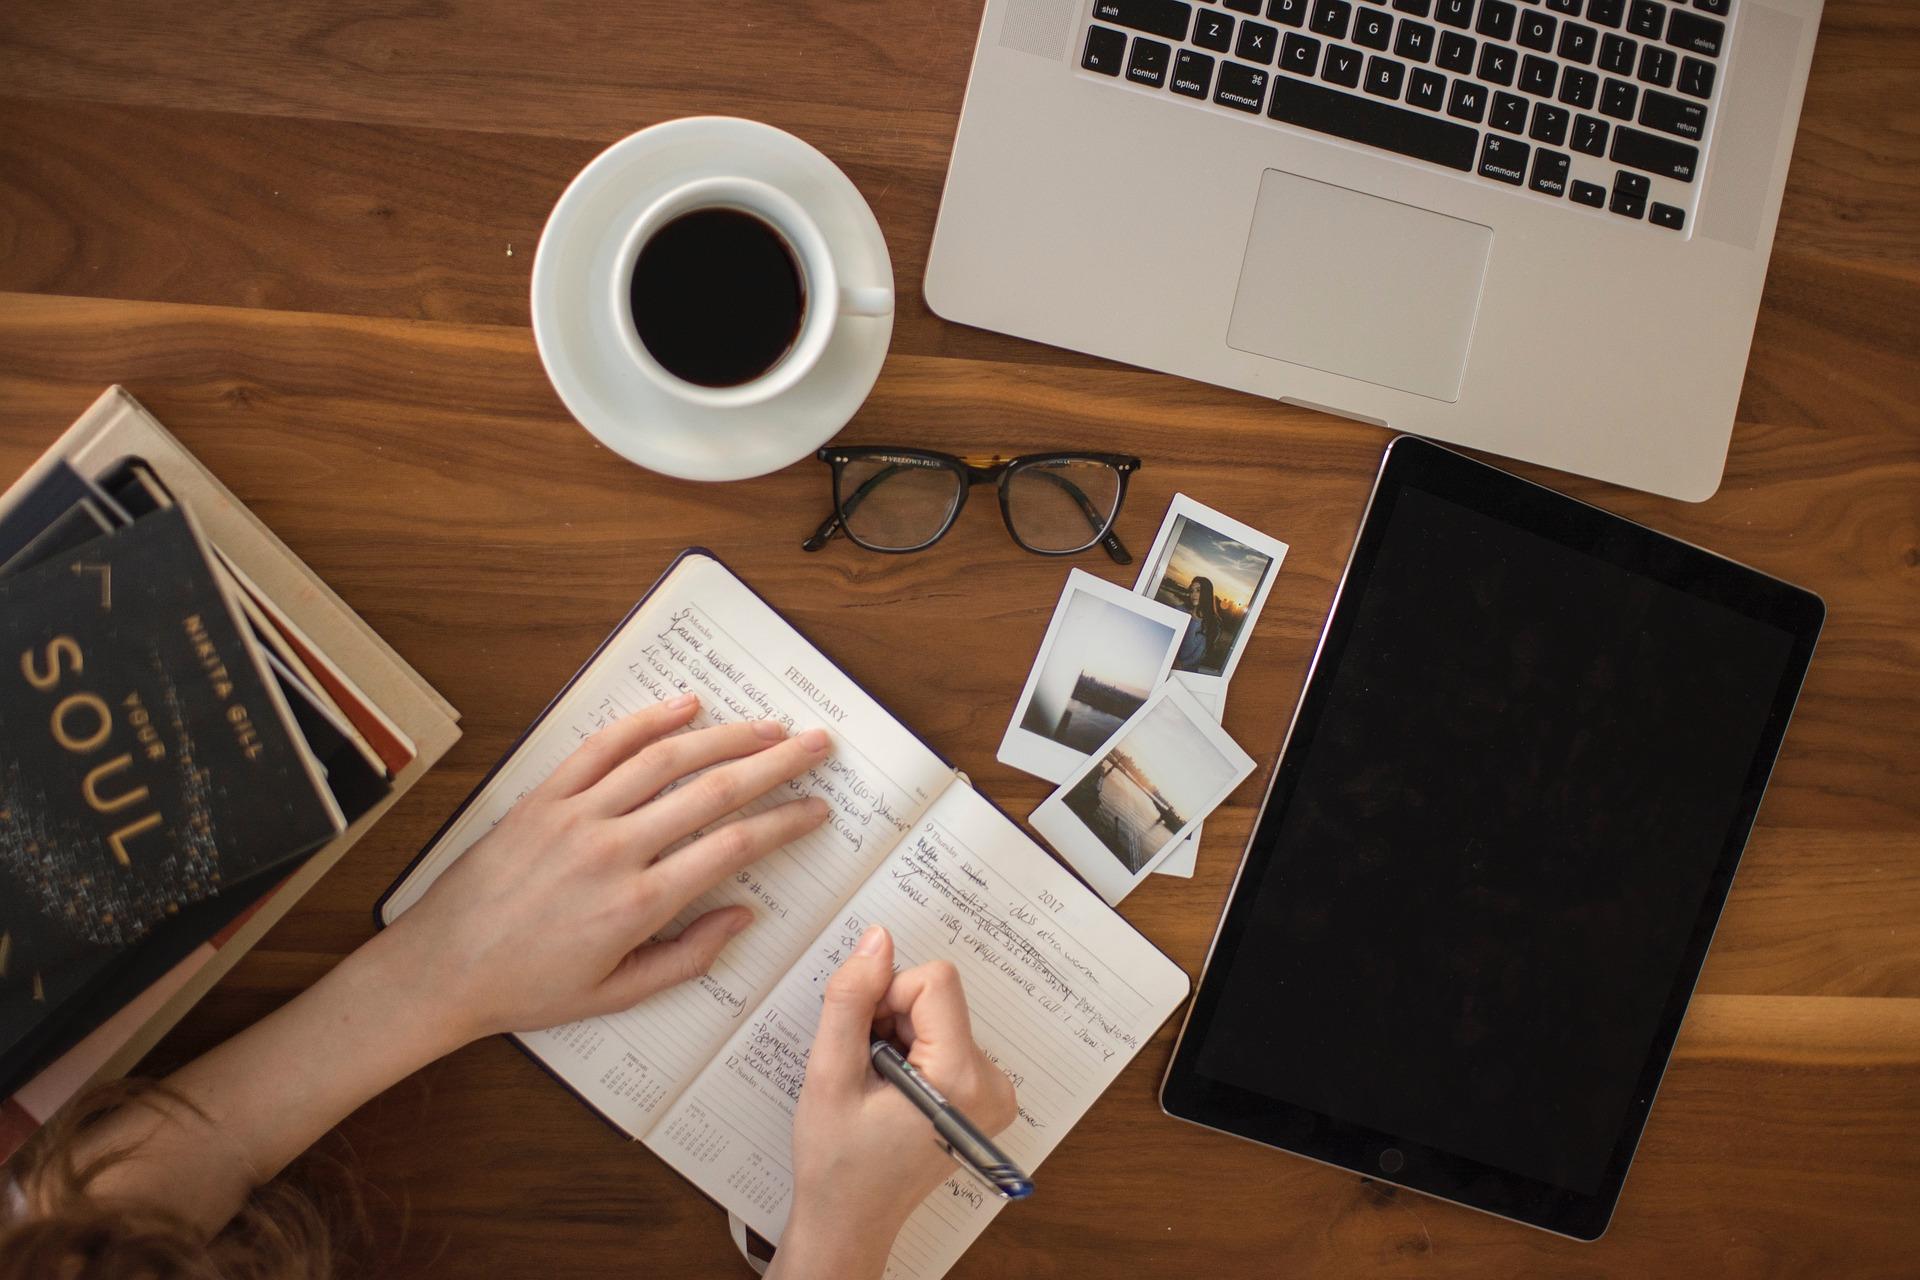 Imagem mostra uma pessoa escrevendo em um caderno com fotos instantâneas ao lado.